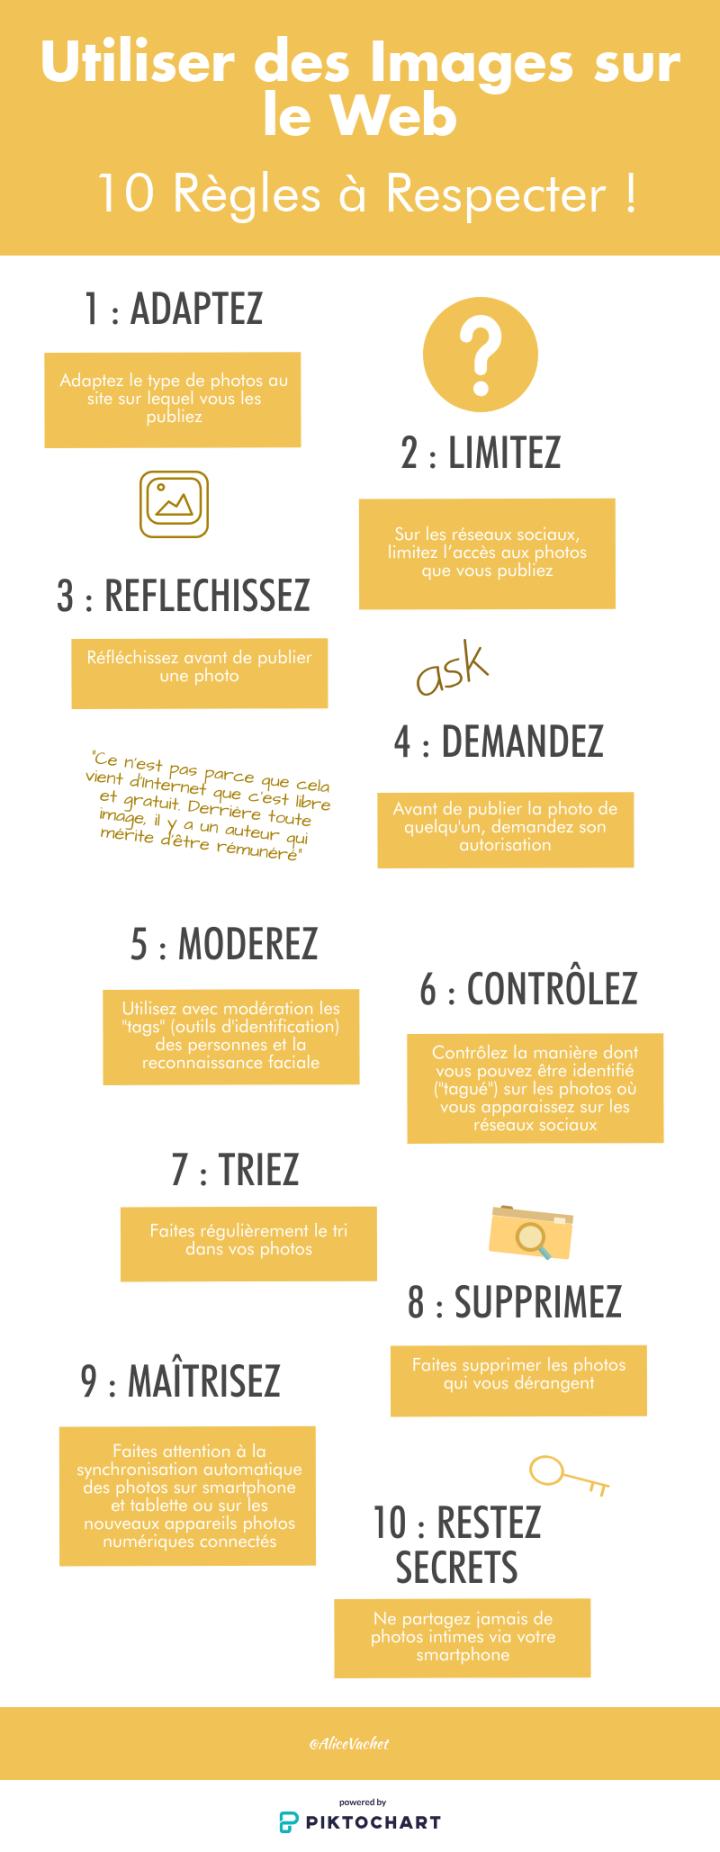 [INFOGRAPHIE] Utiliser des images sur le web : quelles sont les règles à respecter?